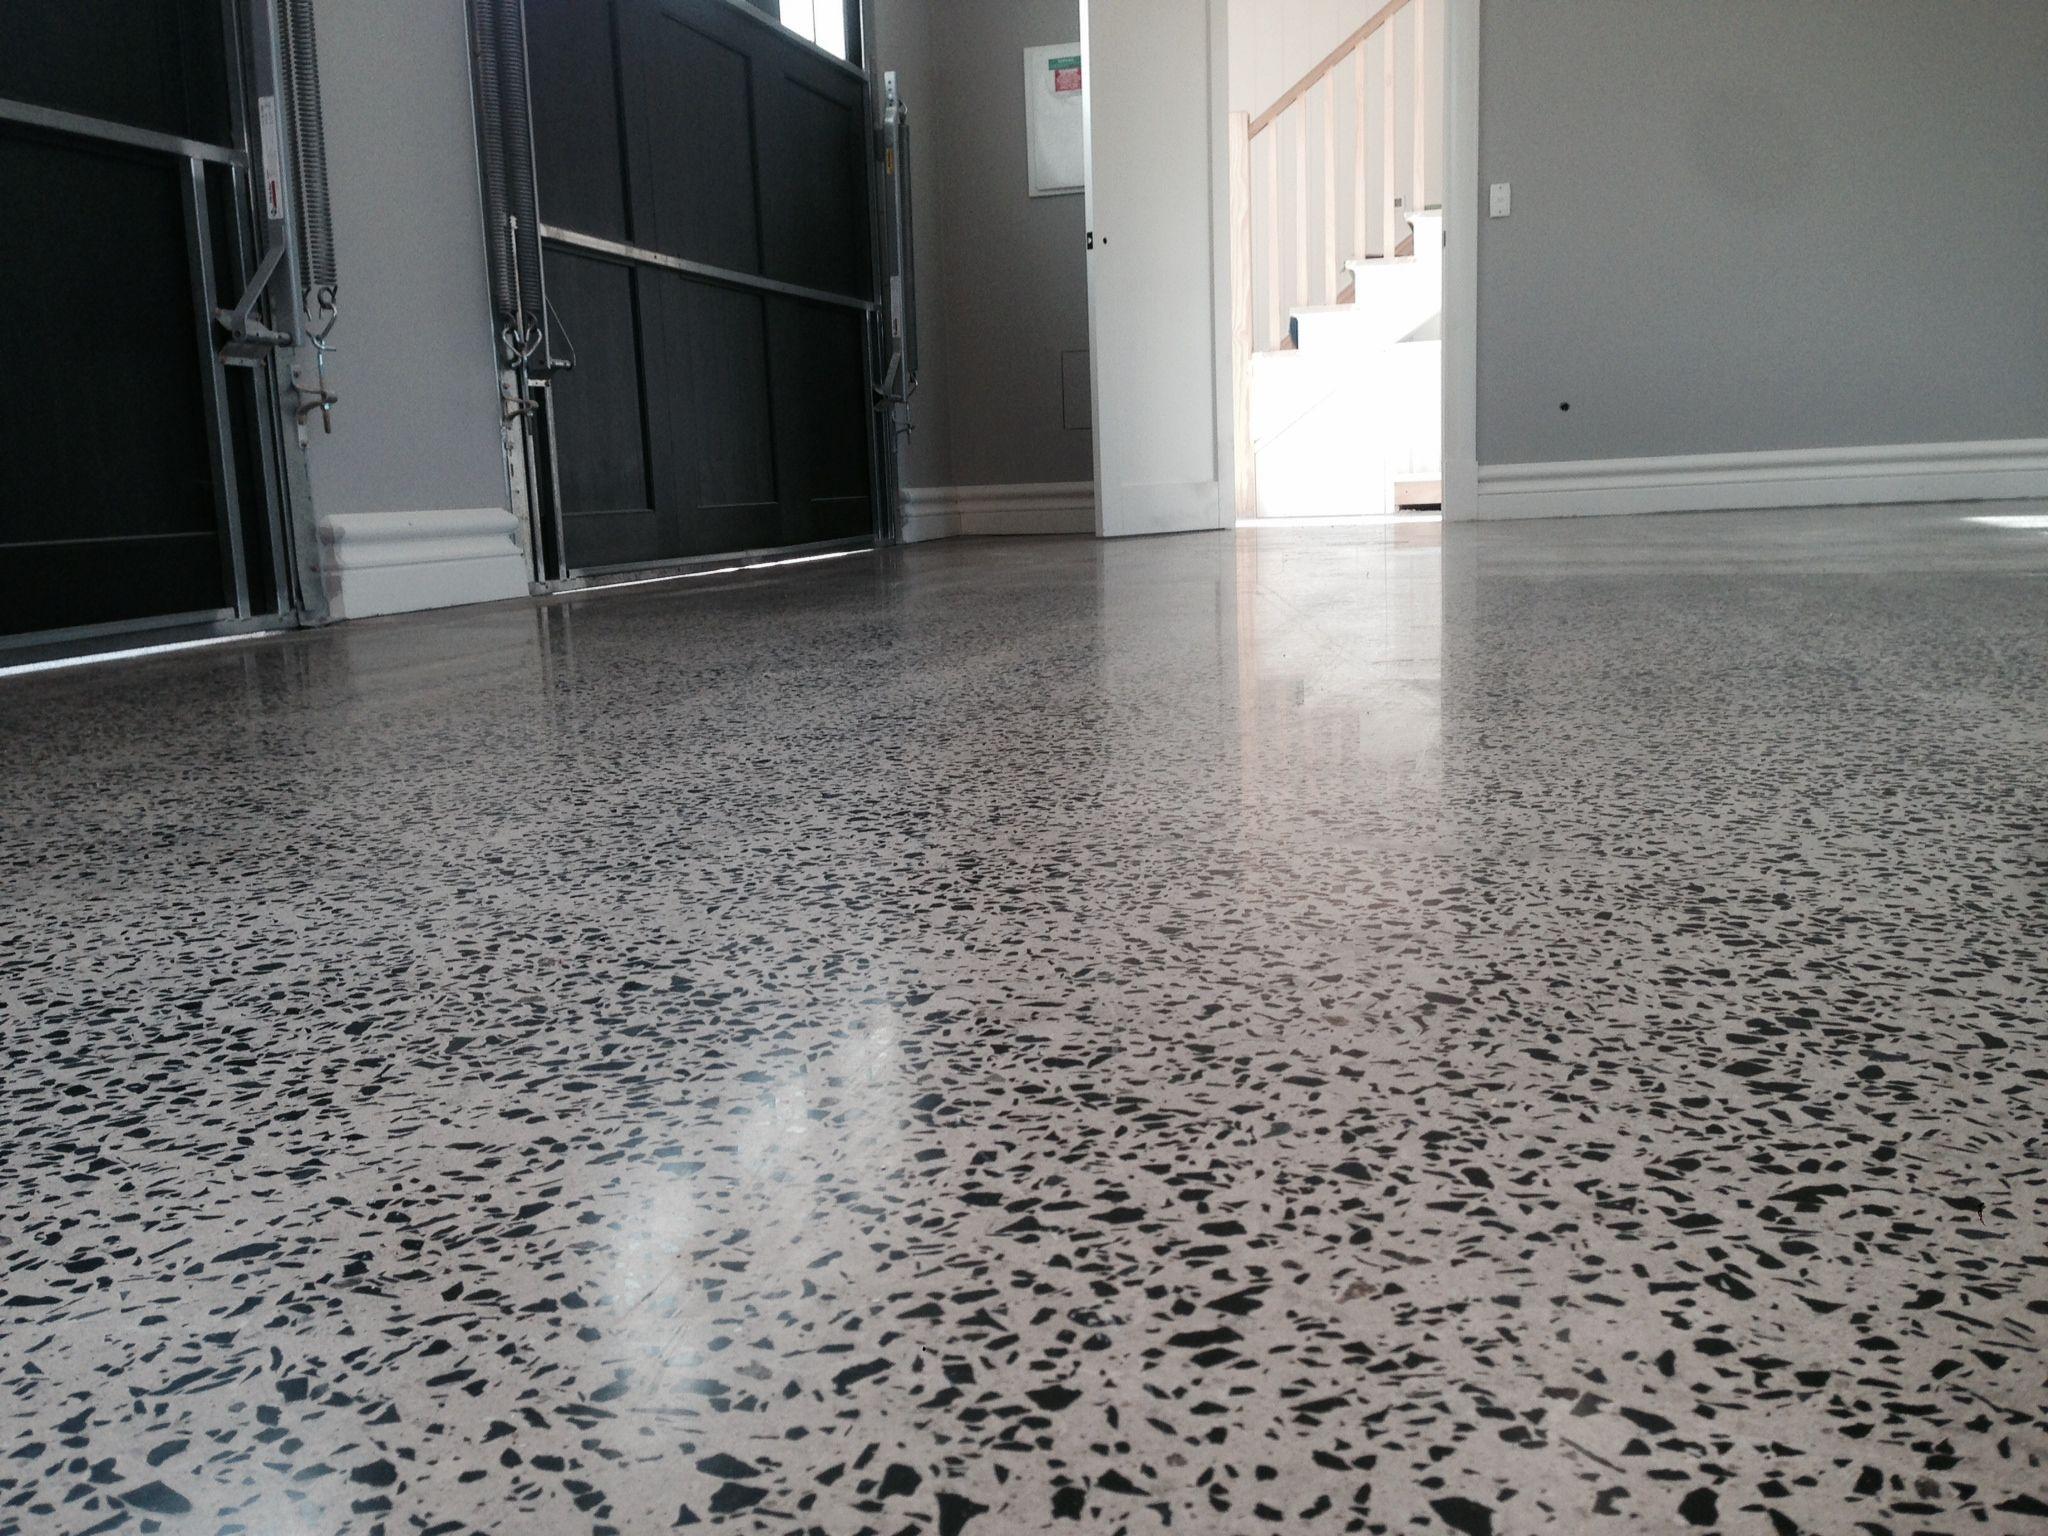 Epoxy Garage Floor Diy In 2020 Garage Floor Epoxy Garage Floors Diy Diy Flooring